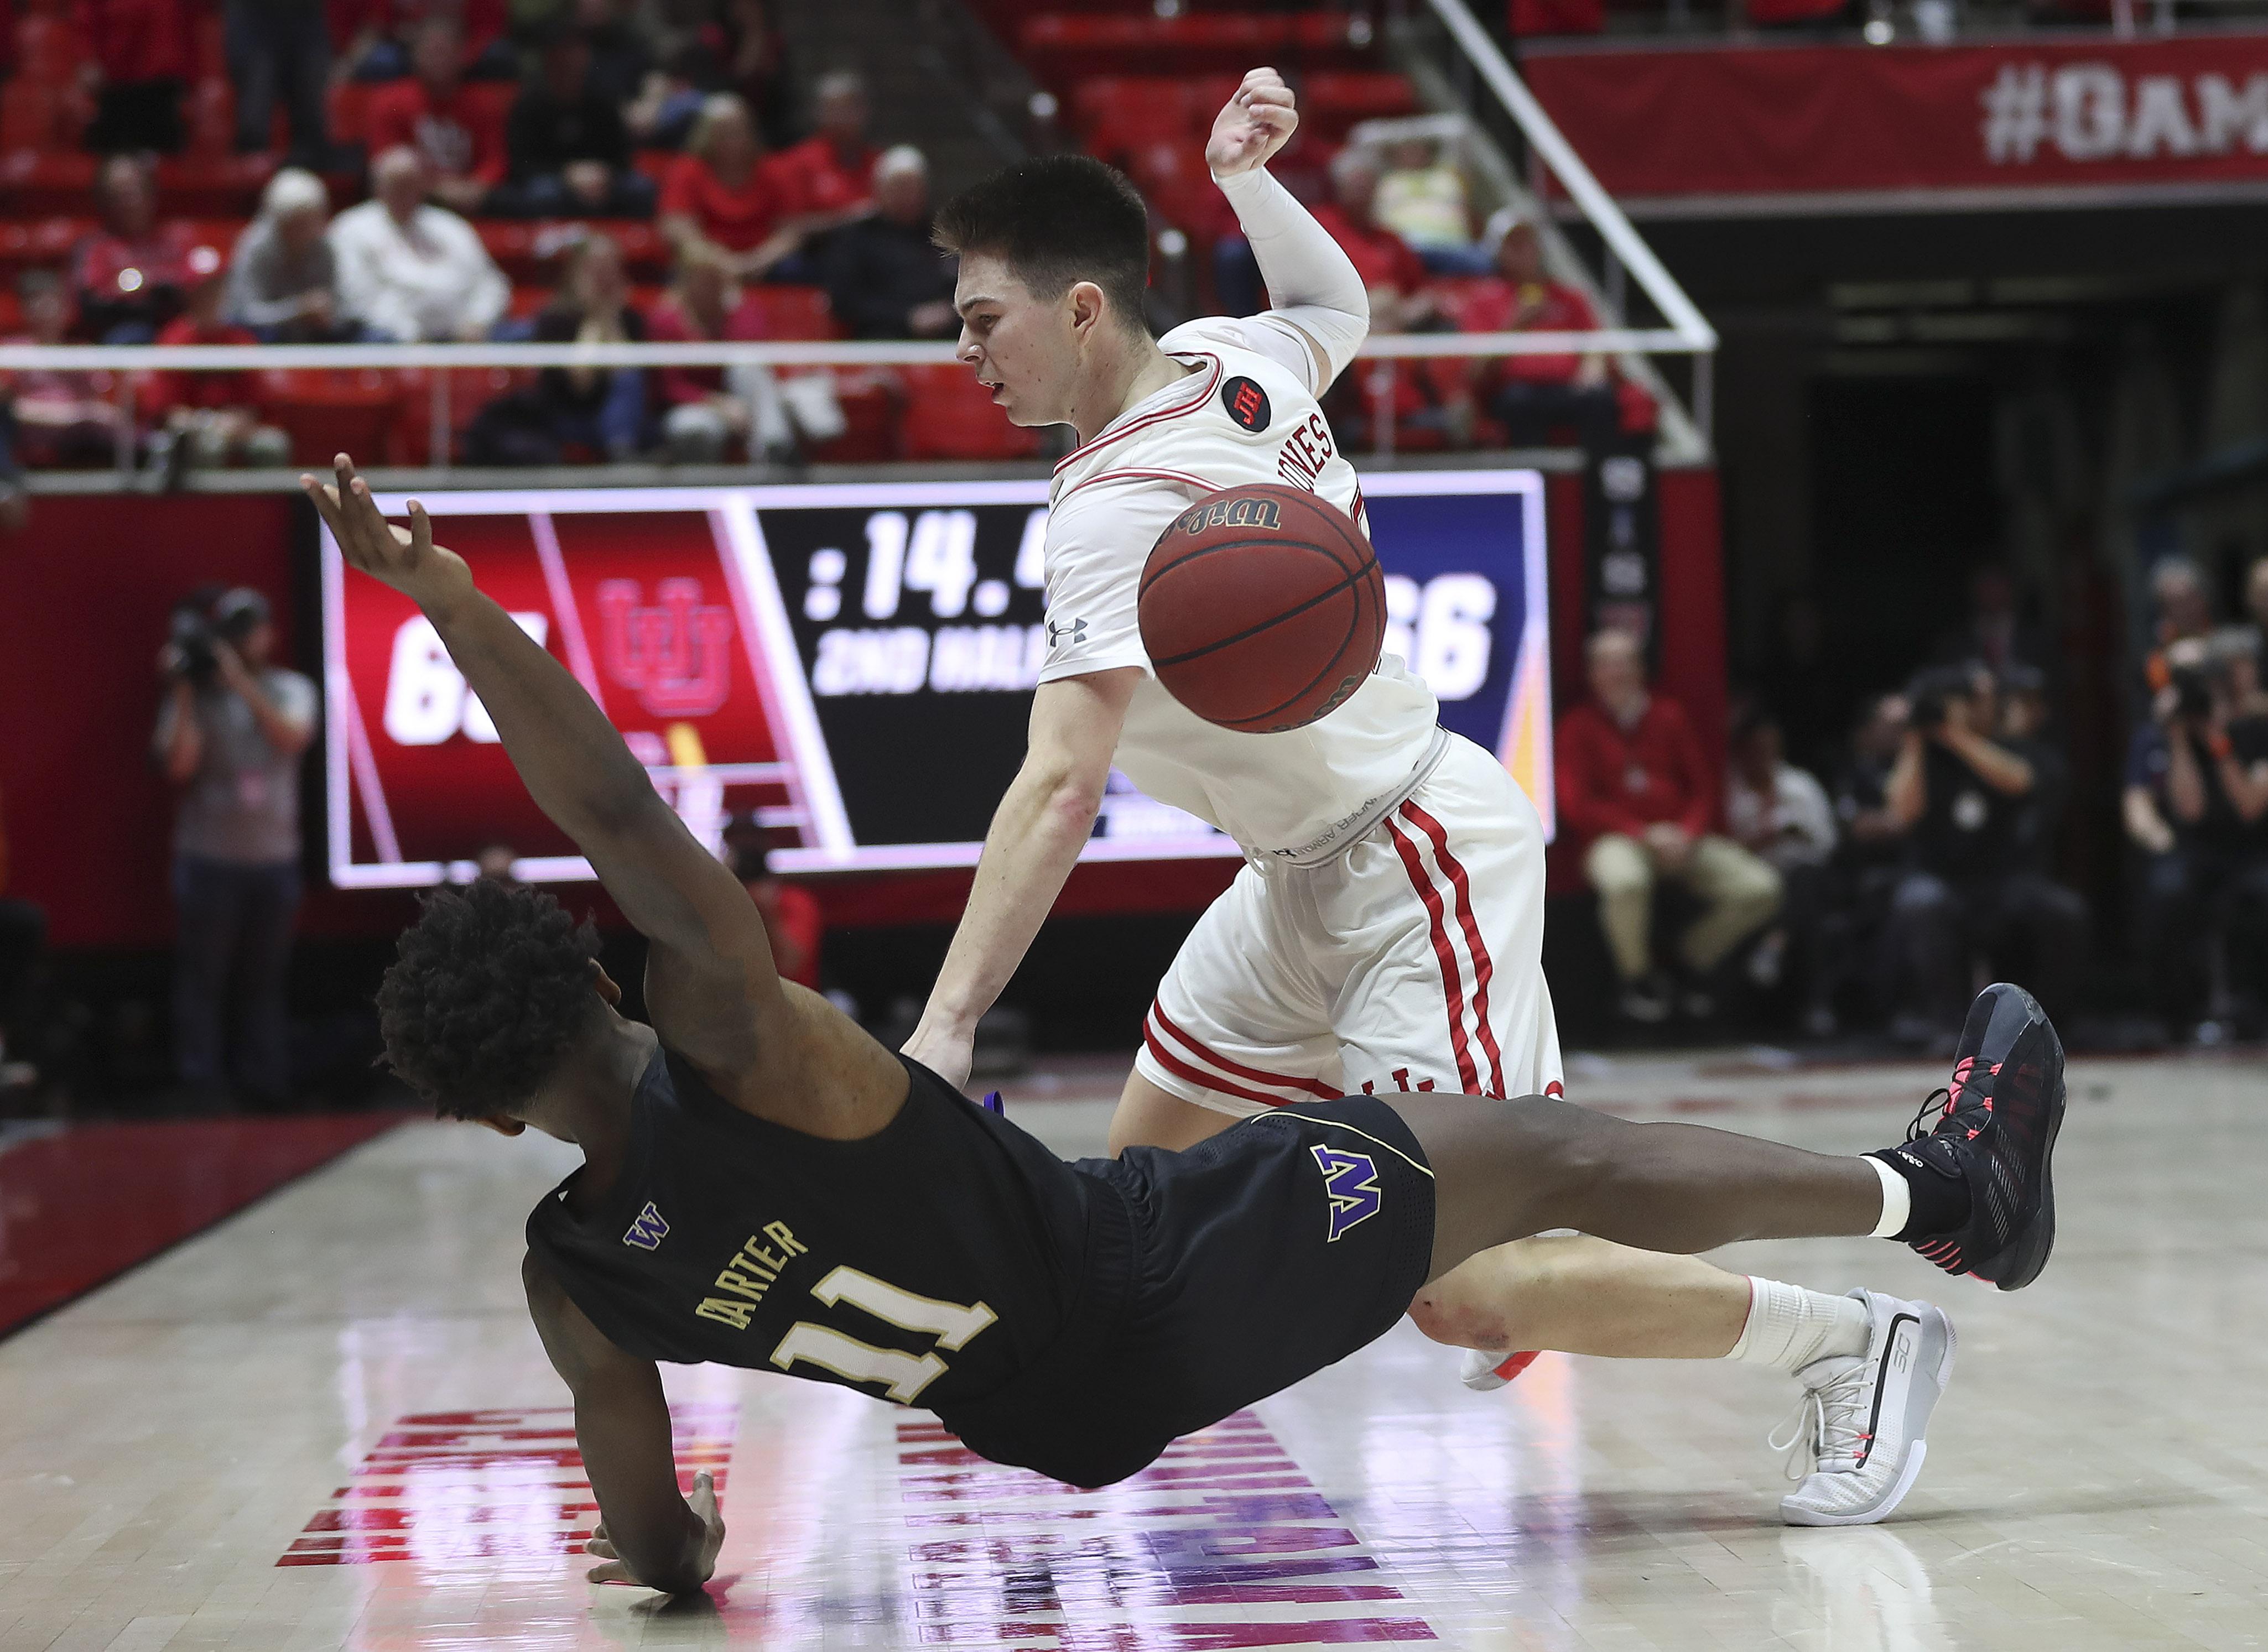 Utah Utes guard Rylan Jones (15) and Washington Huskies guard Nahziah Carter (11) get tangled up in Salt Lake City on Thursday, Jan. 23, 2020. The Utes won 67-66.